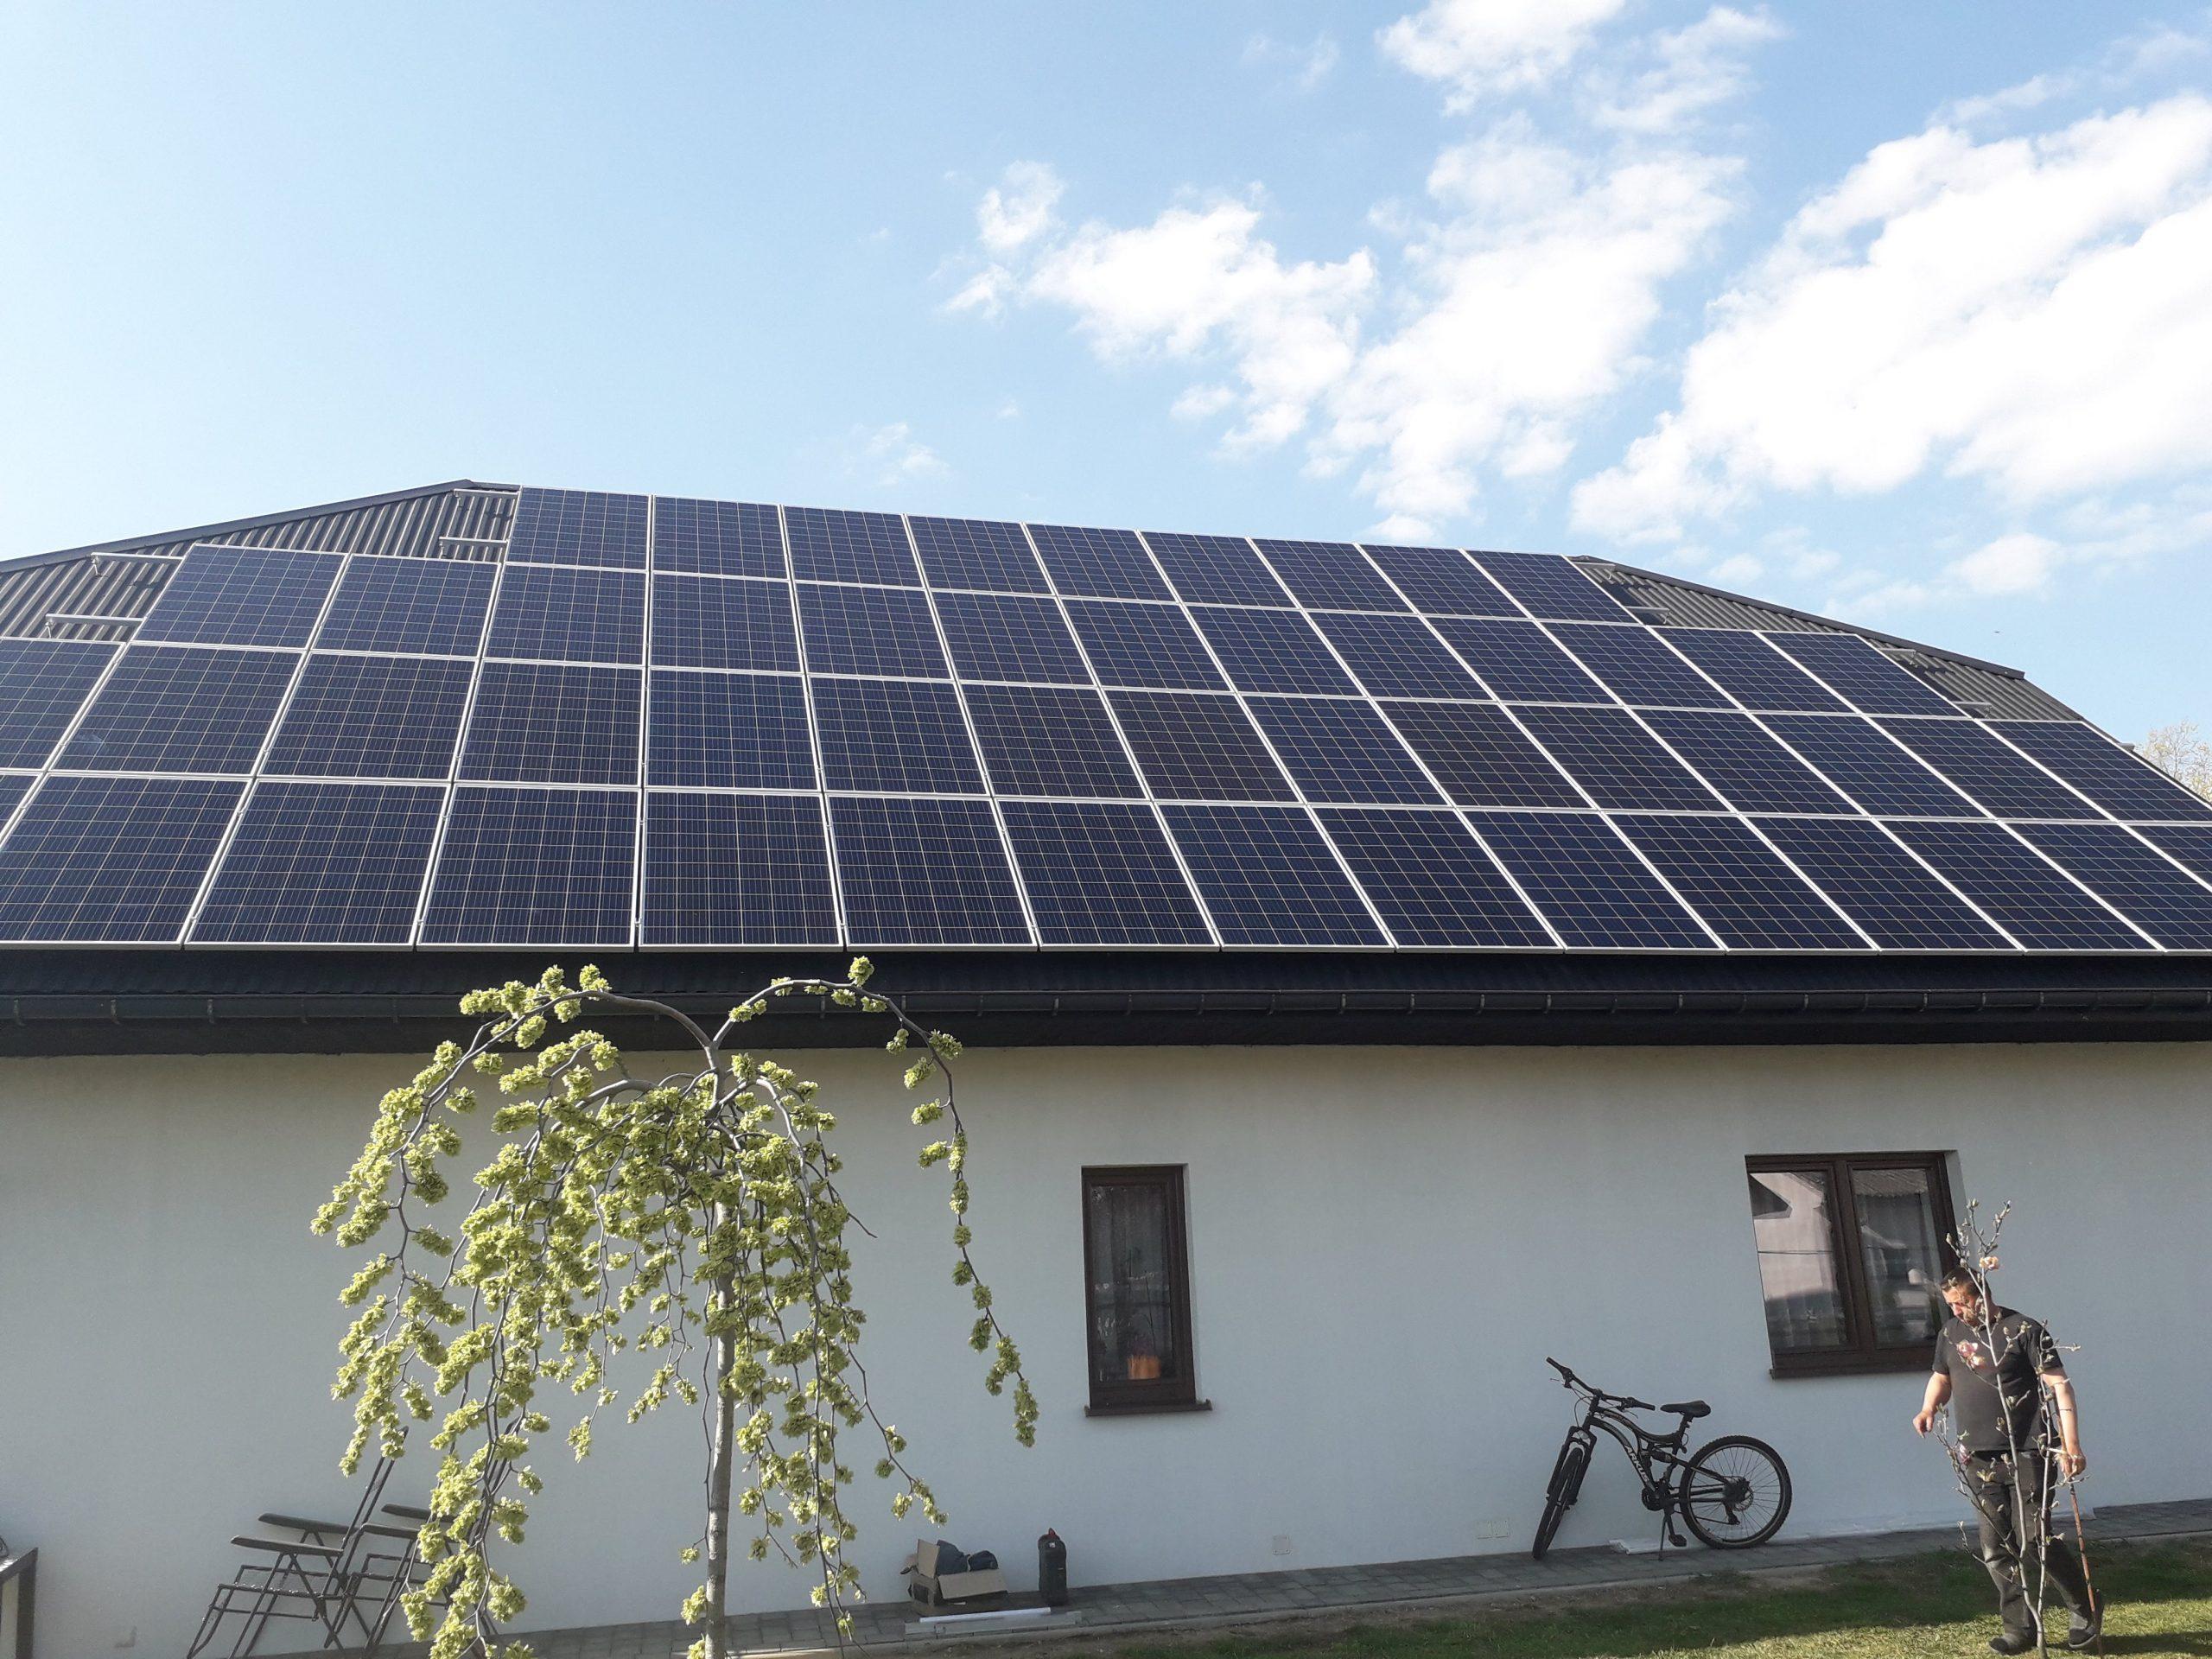 Raciechowice 14 kWp